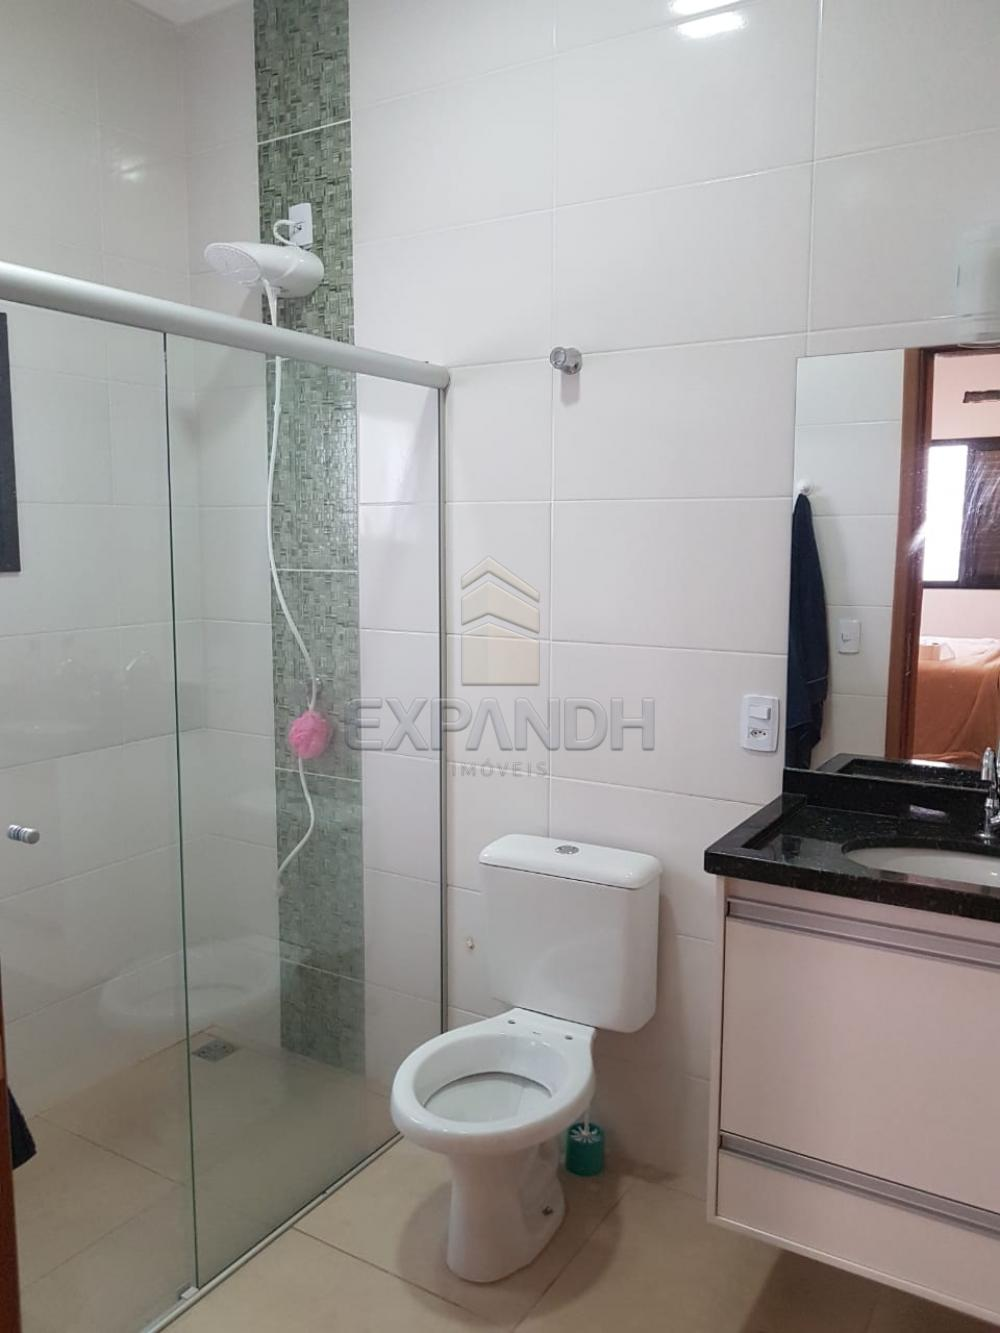 Comprar Apartamentos / Padrão em Sertãozinho apenas R$ 220.000,00 - Foto 14